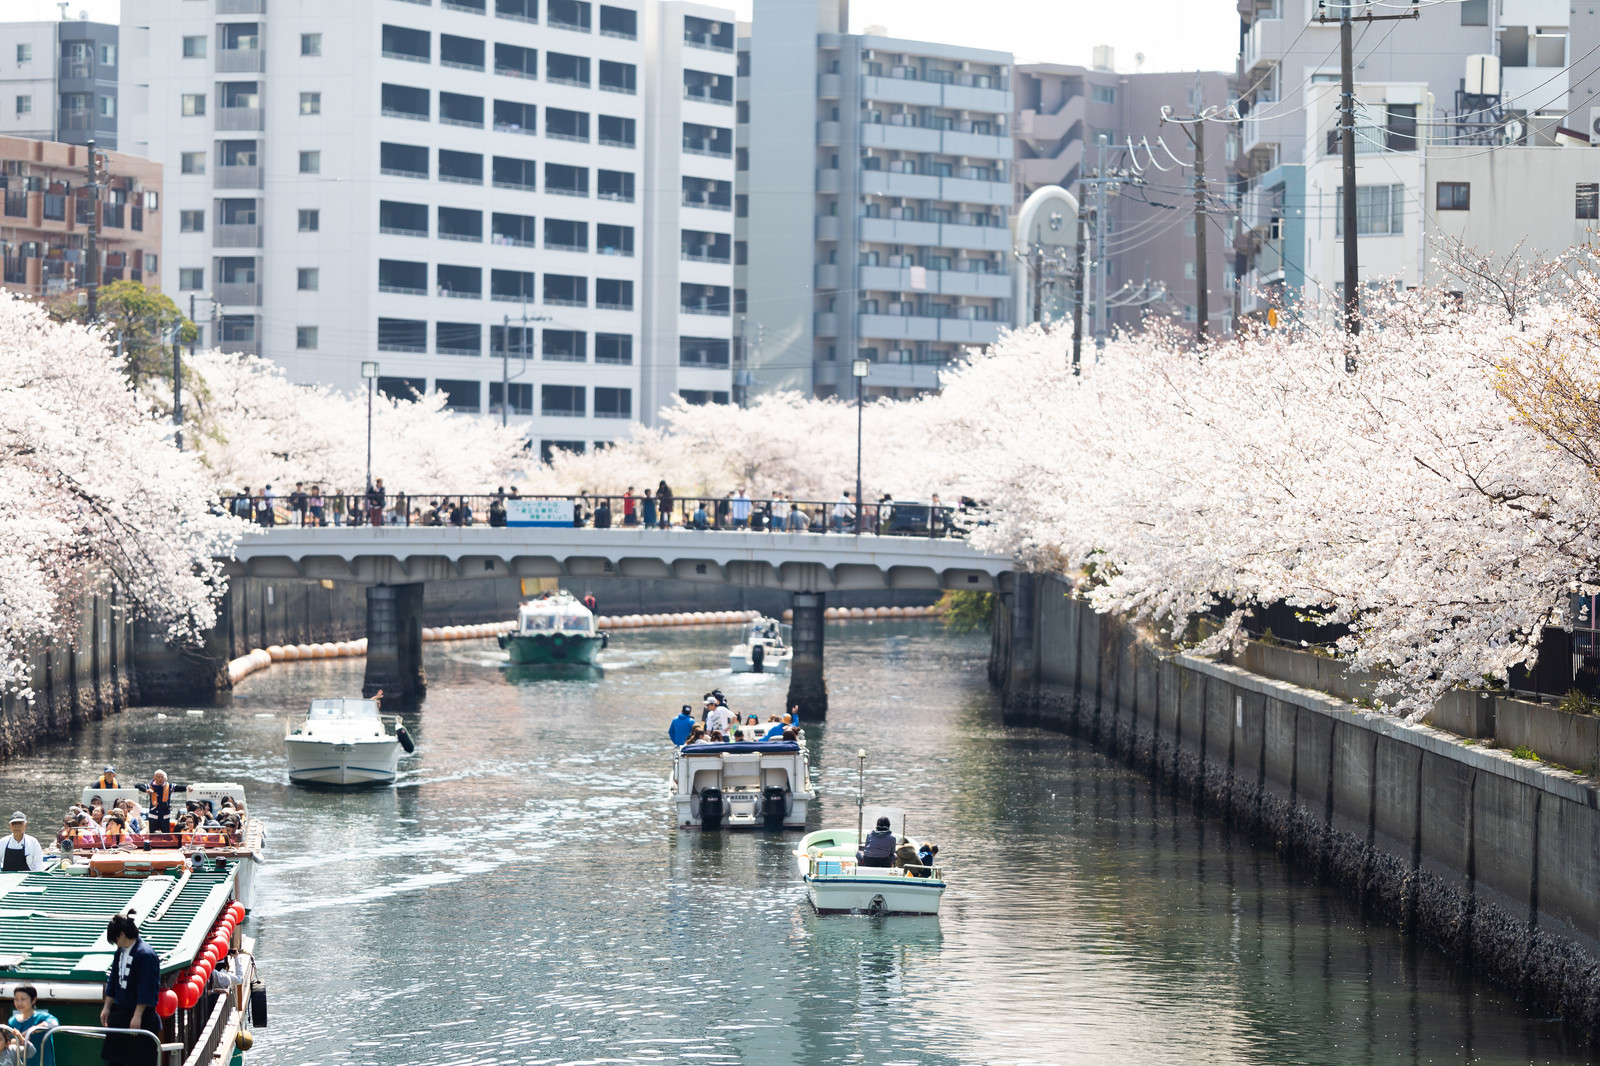 横浜の大岡川の桜を船で見に行こう!おすすめお花見クルージング